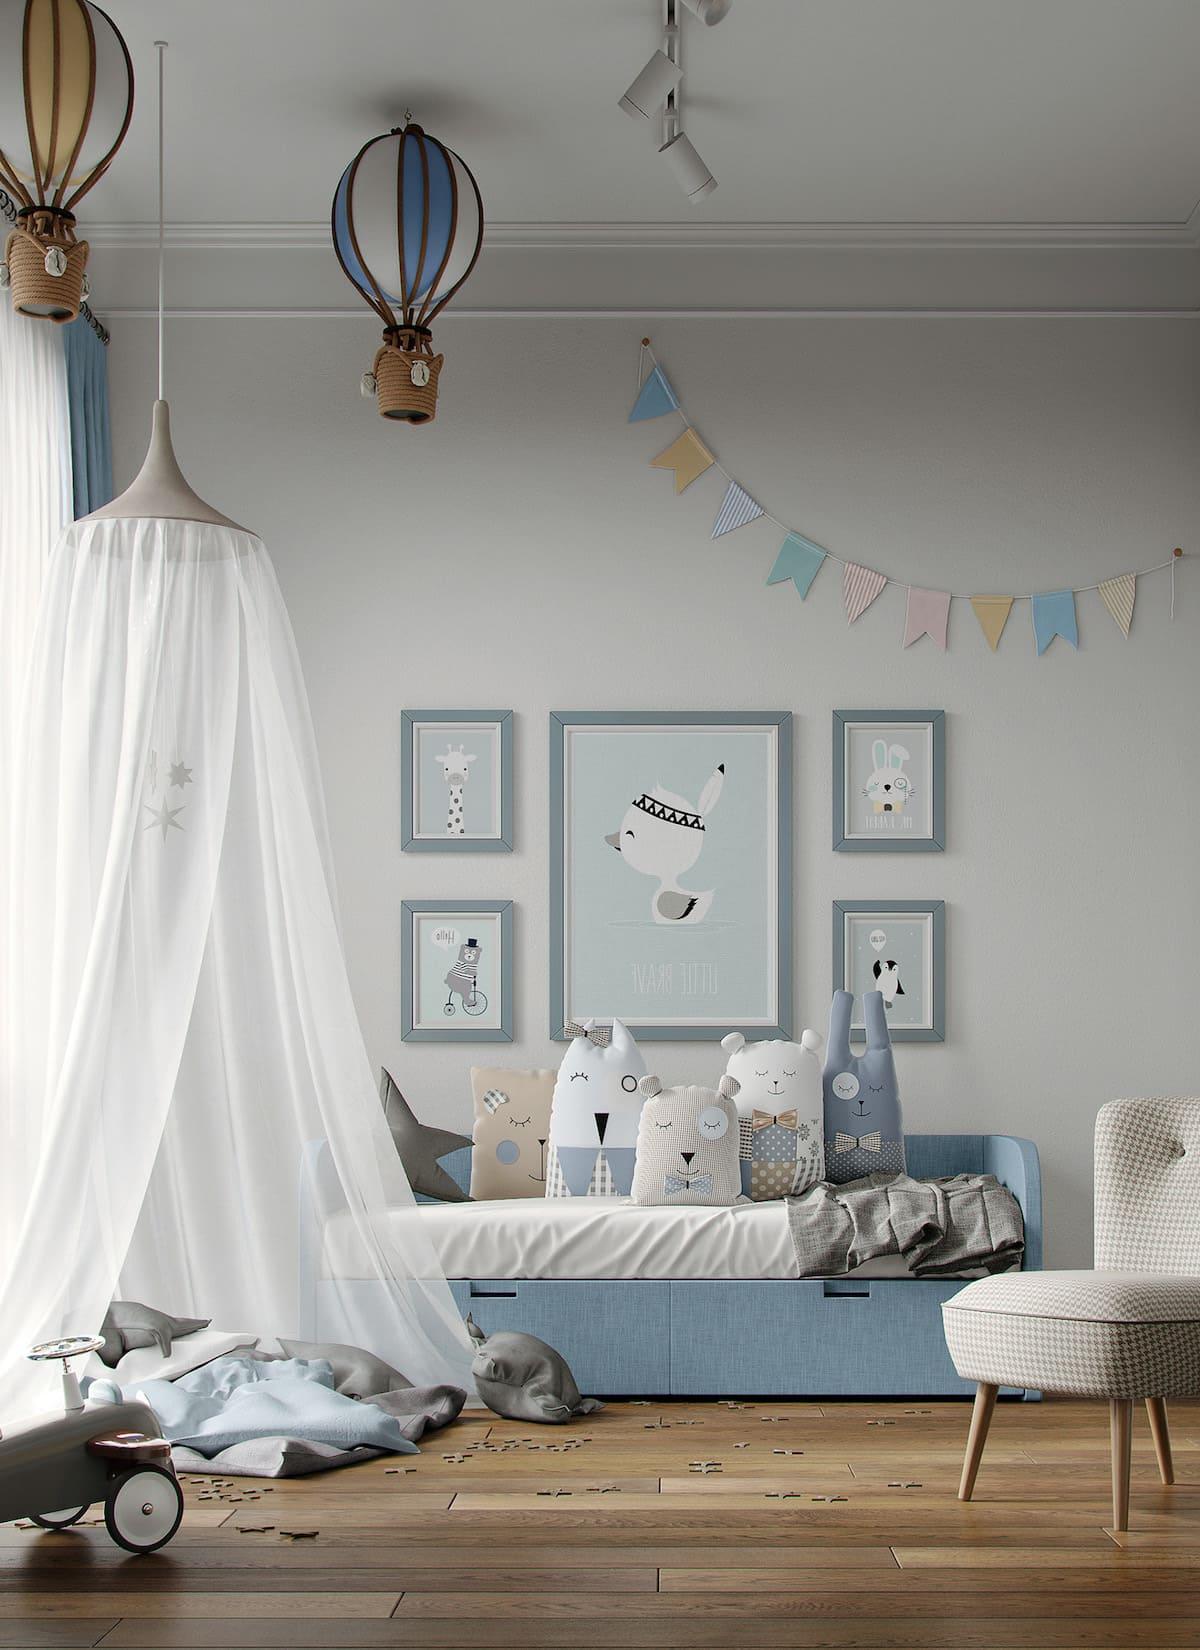 chambre d'enfant design photo 87